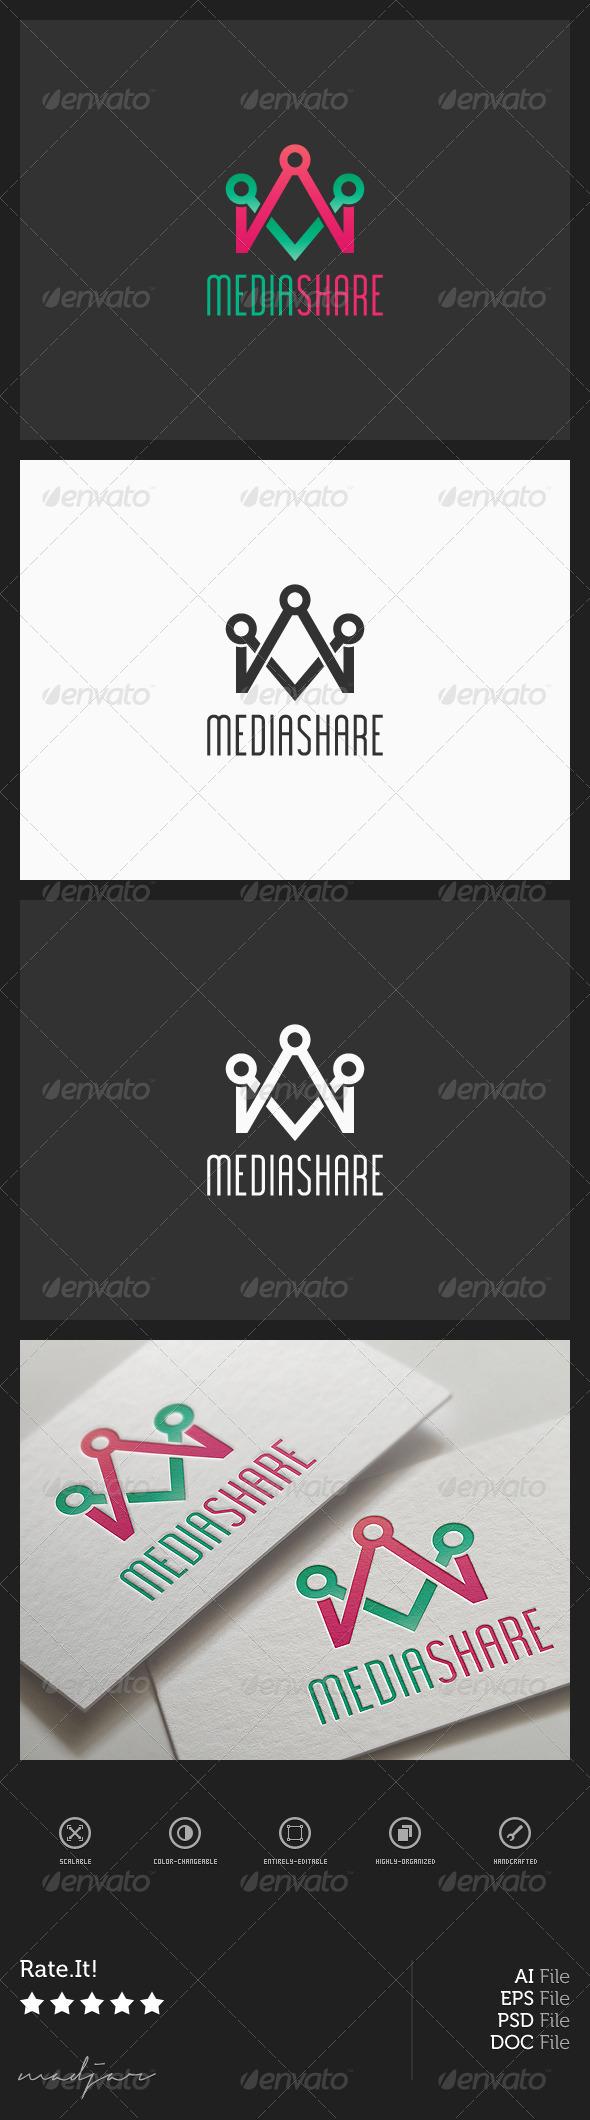 Media Share Logo - Symbols Logo Templates